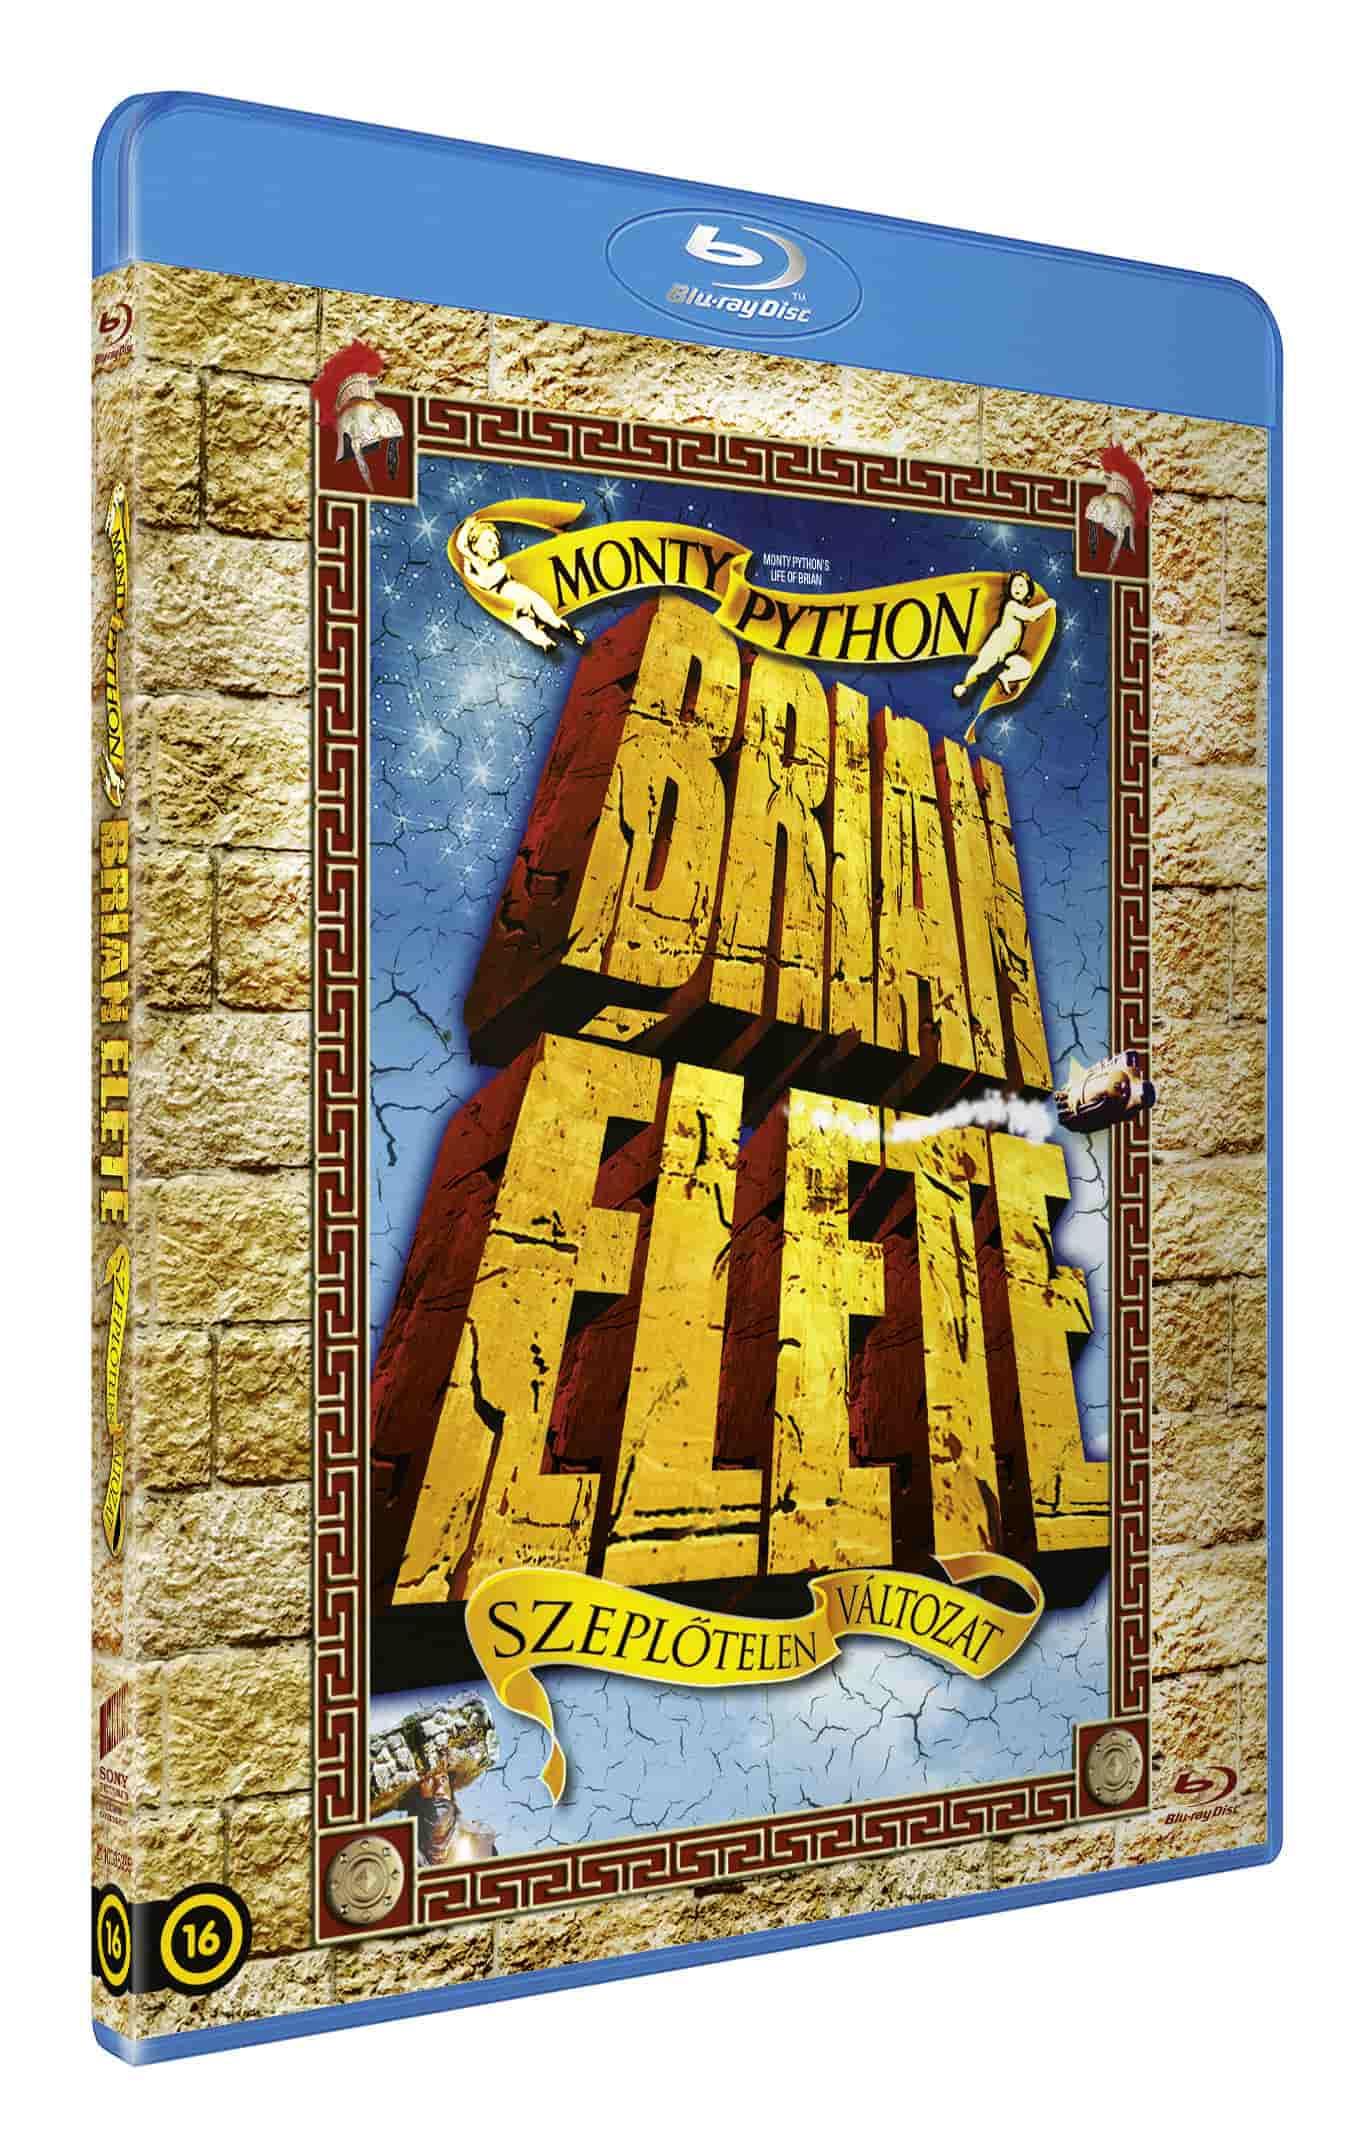 Monty Python - Brian élete - Blu-ray